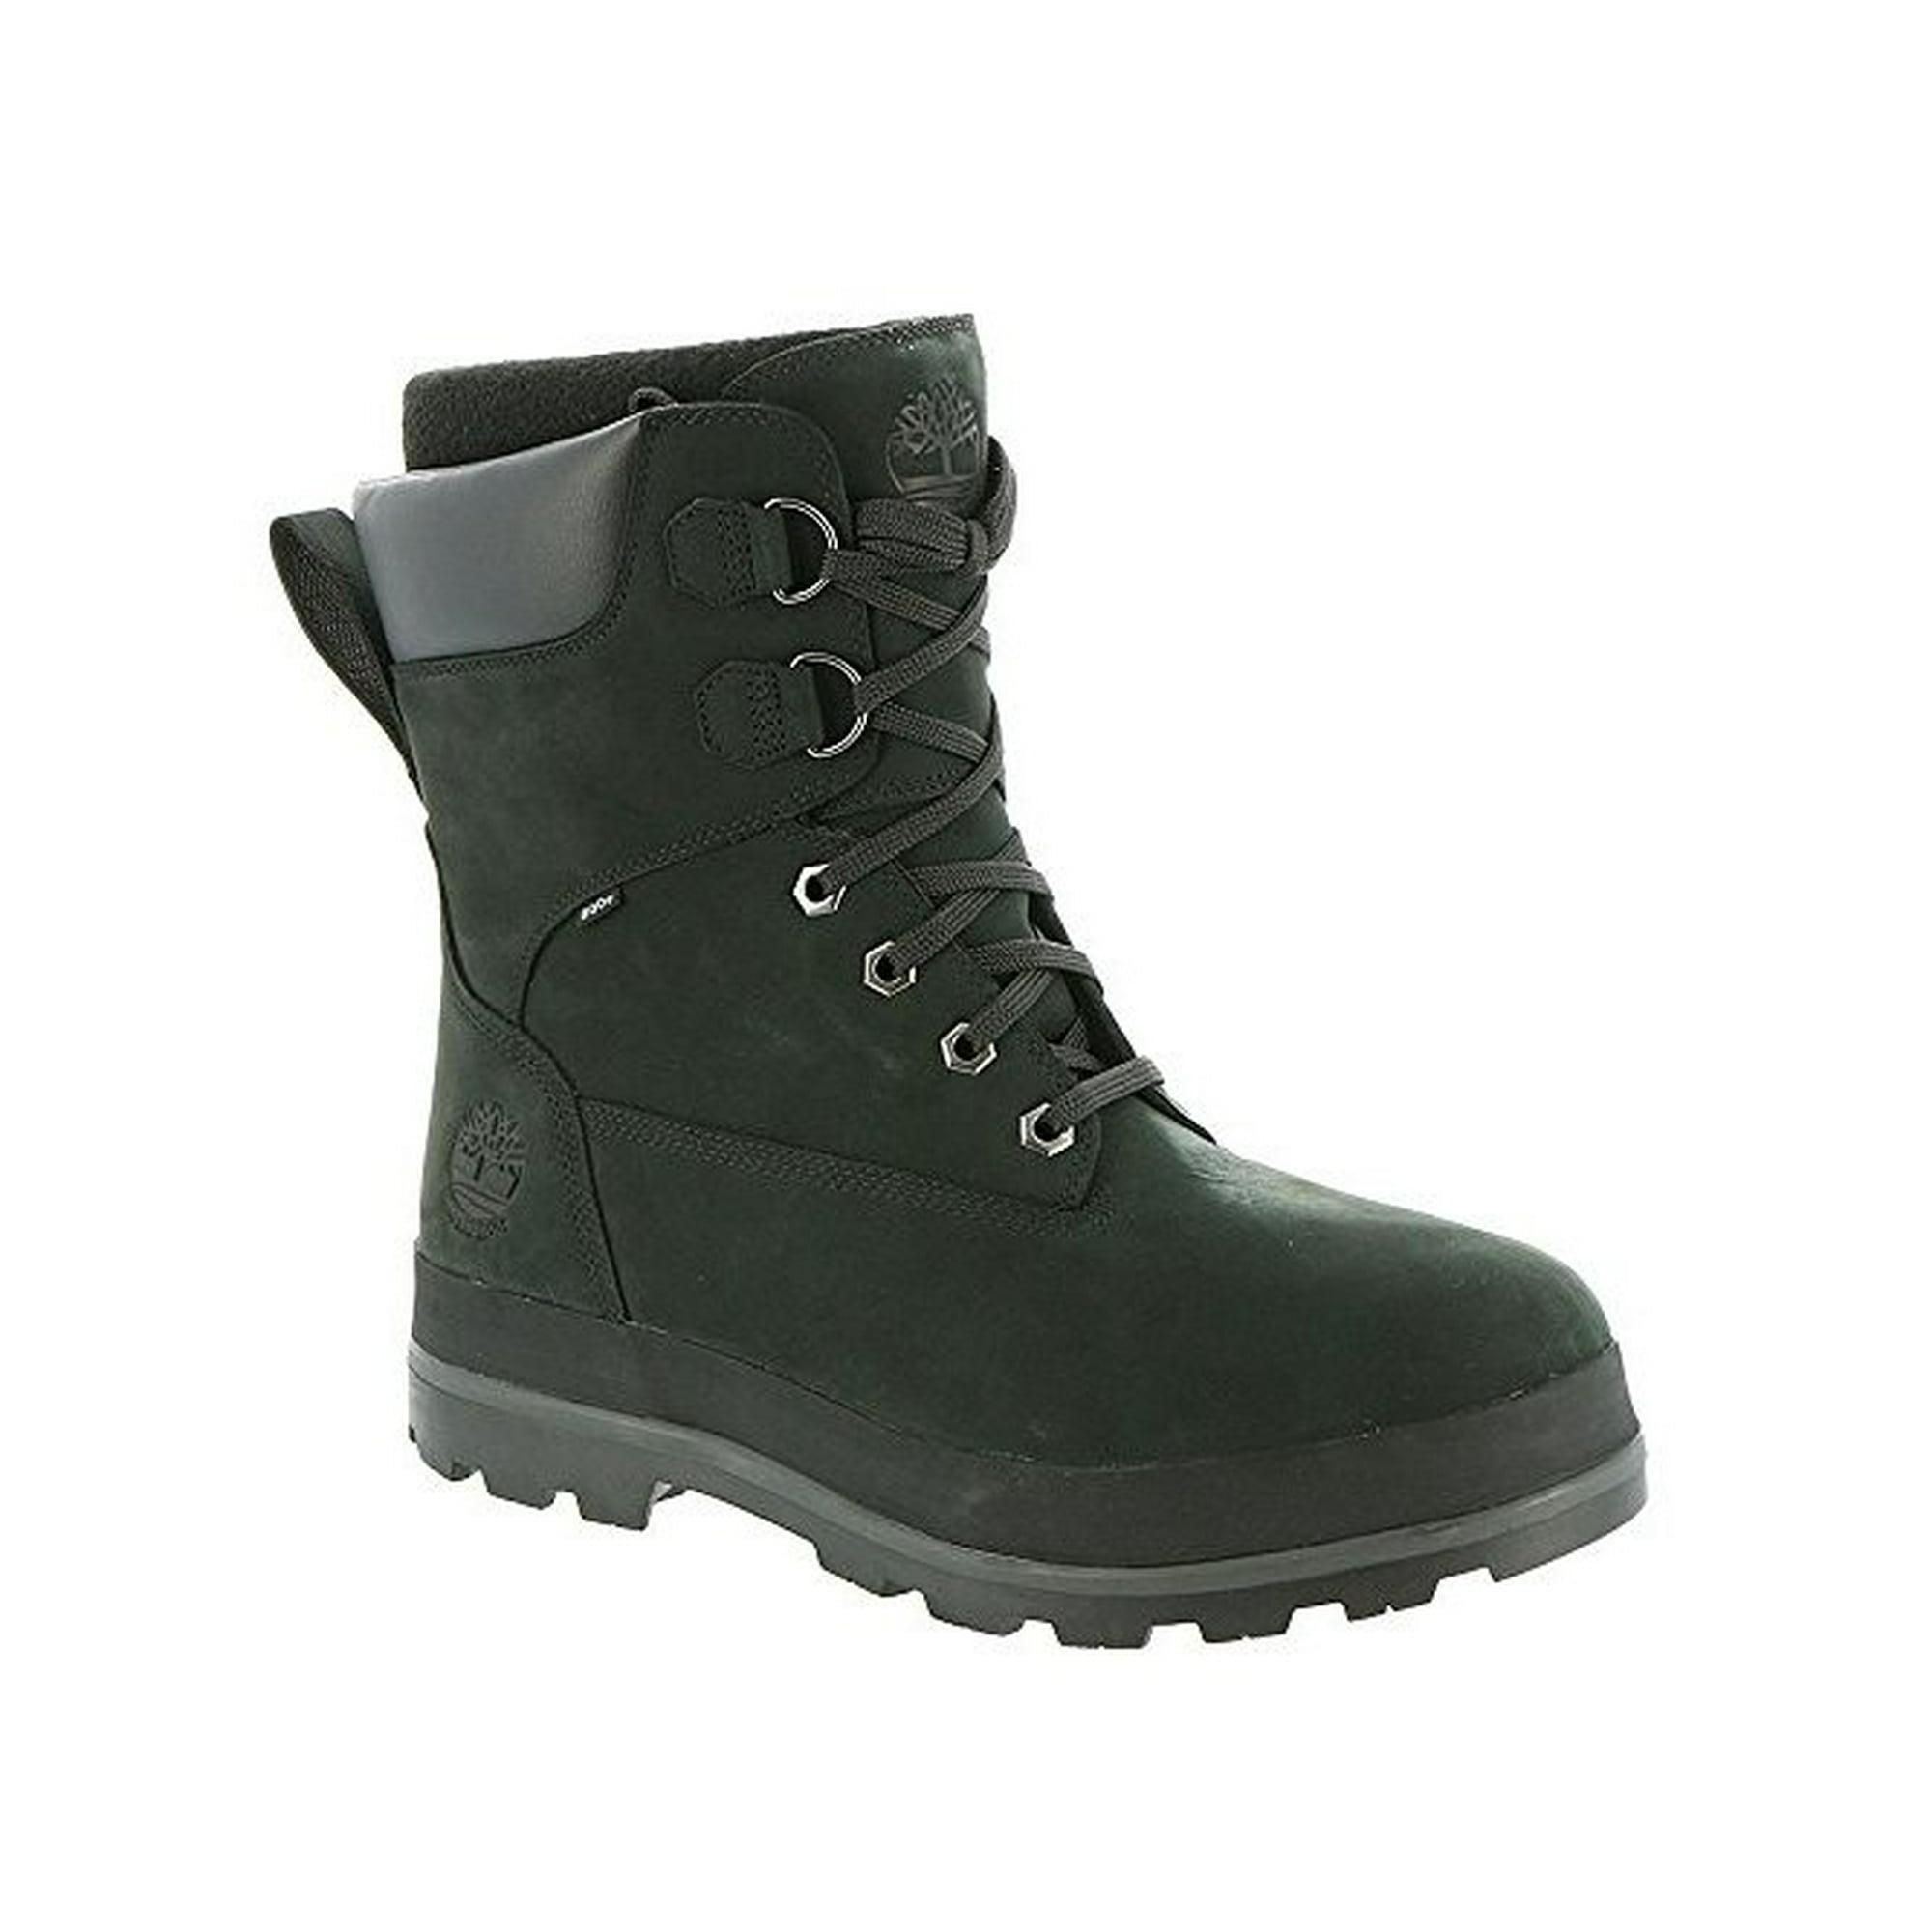 7b95b65e103 Timberland Mens Snow Drifter Waterproof | Walmart Canada